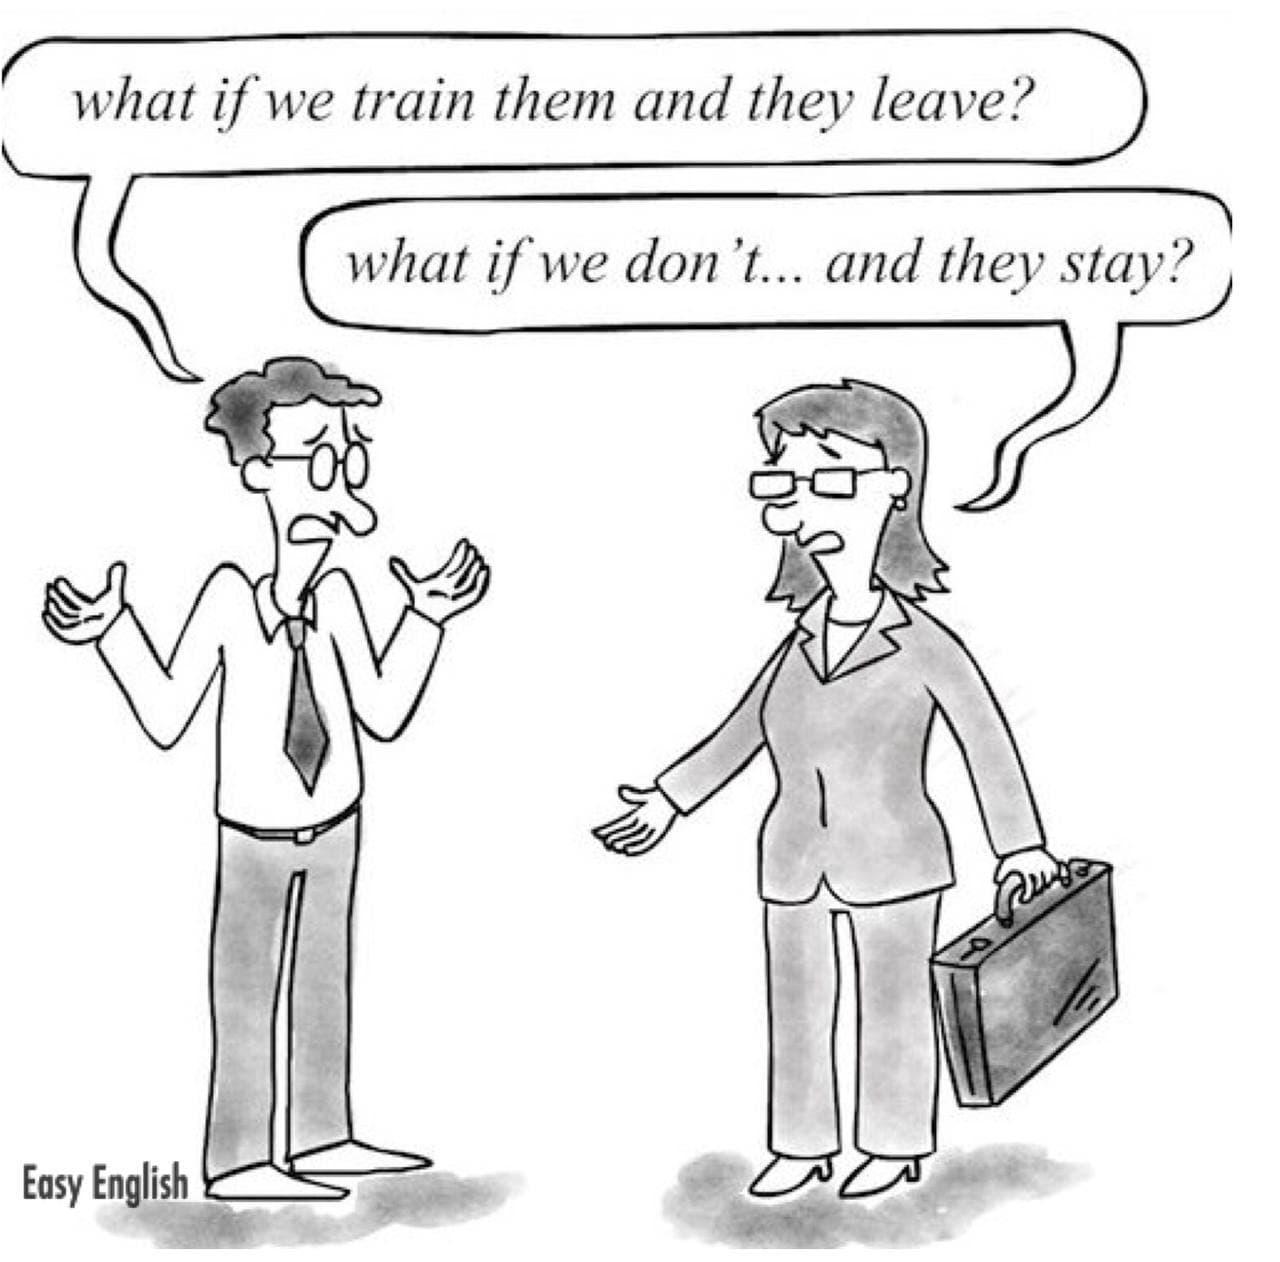 مدیر مالی: اگه کارکنان رو آموزش دادیم و از شرکت رفتن چی؟